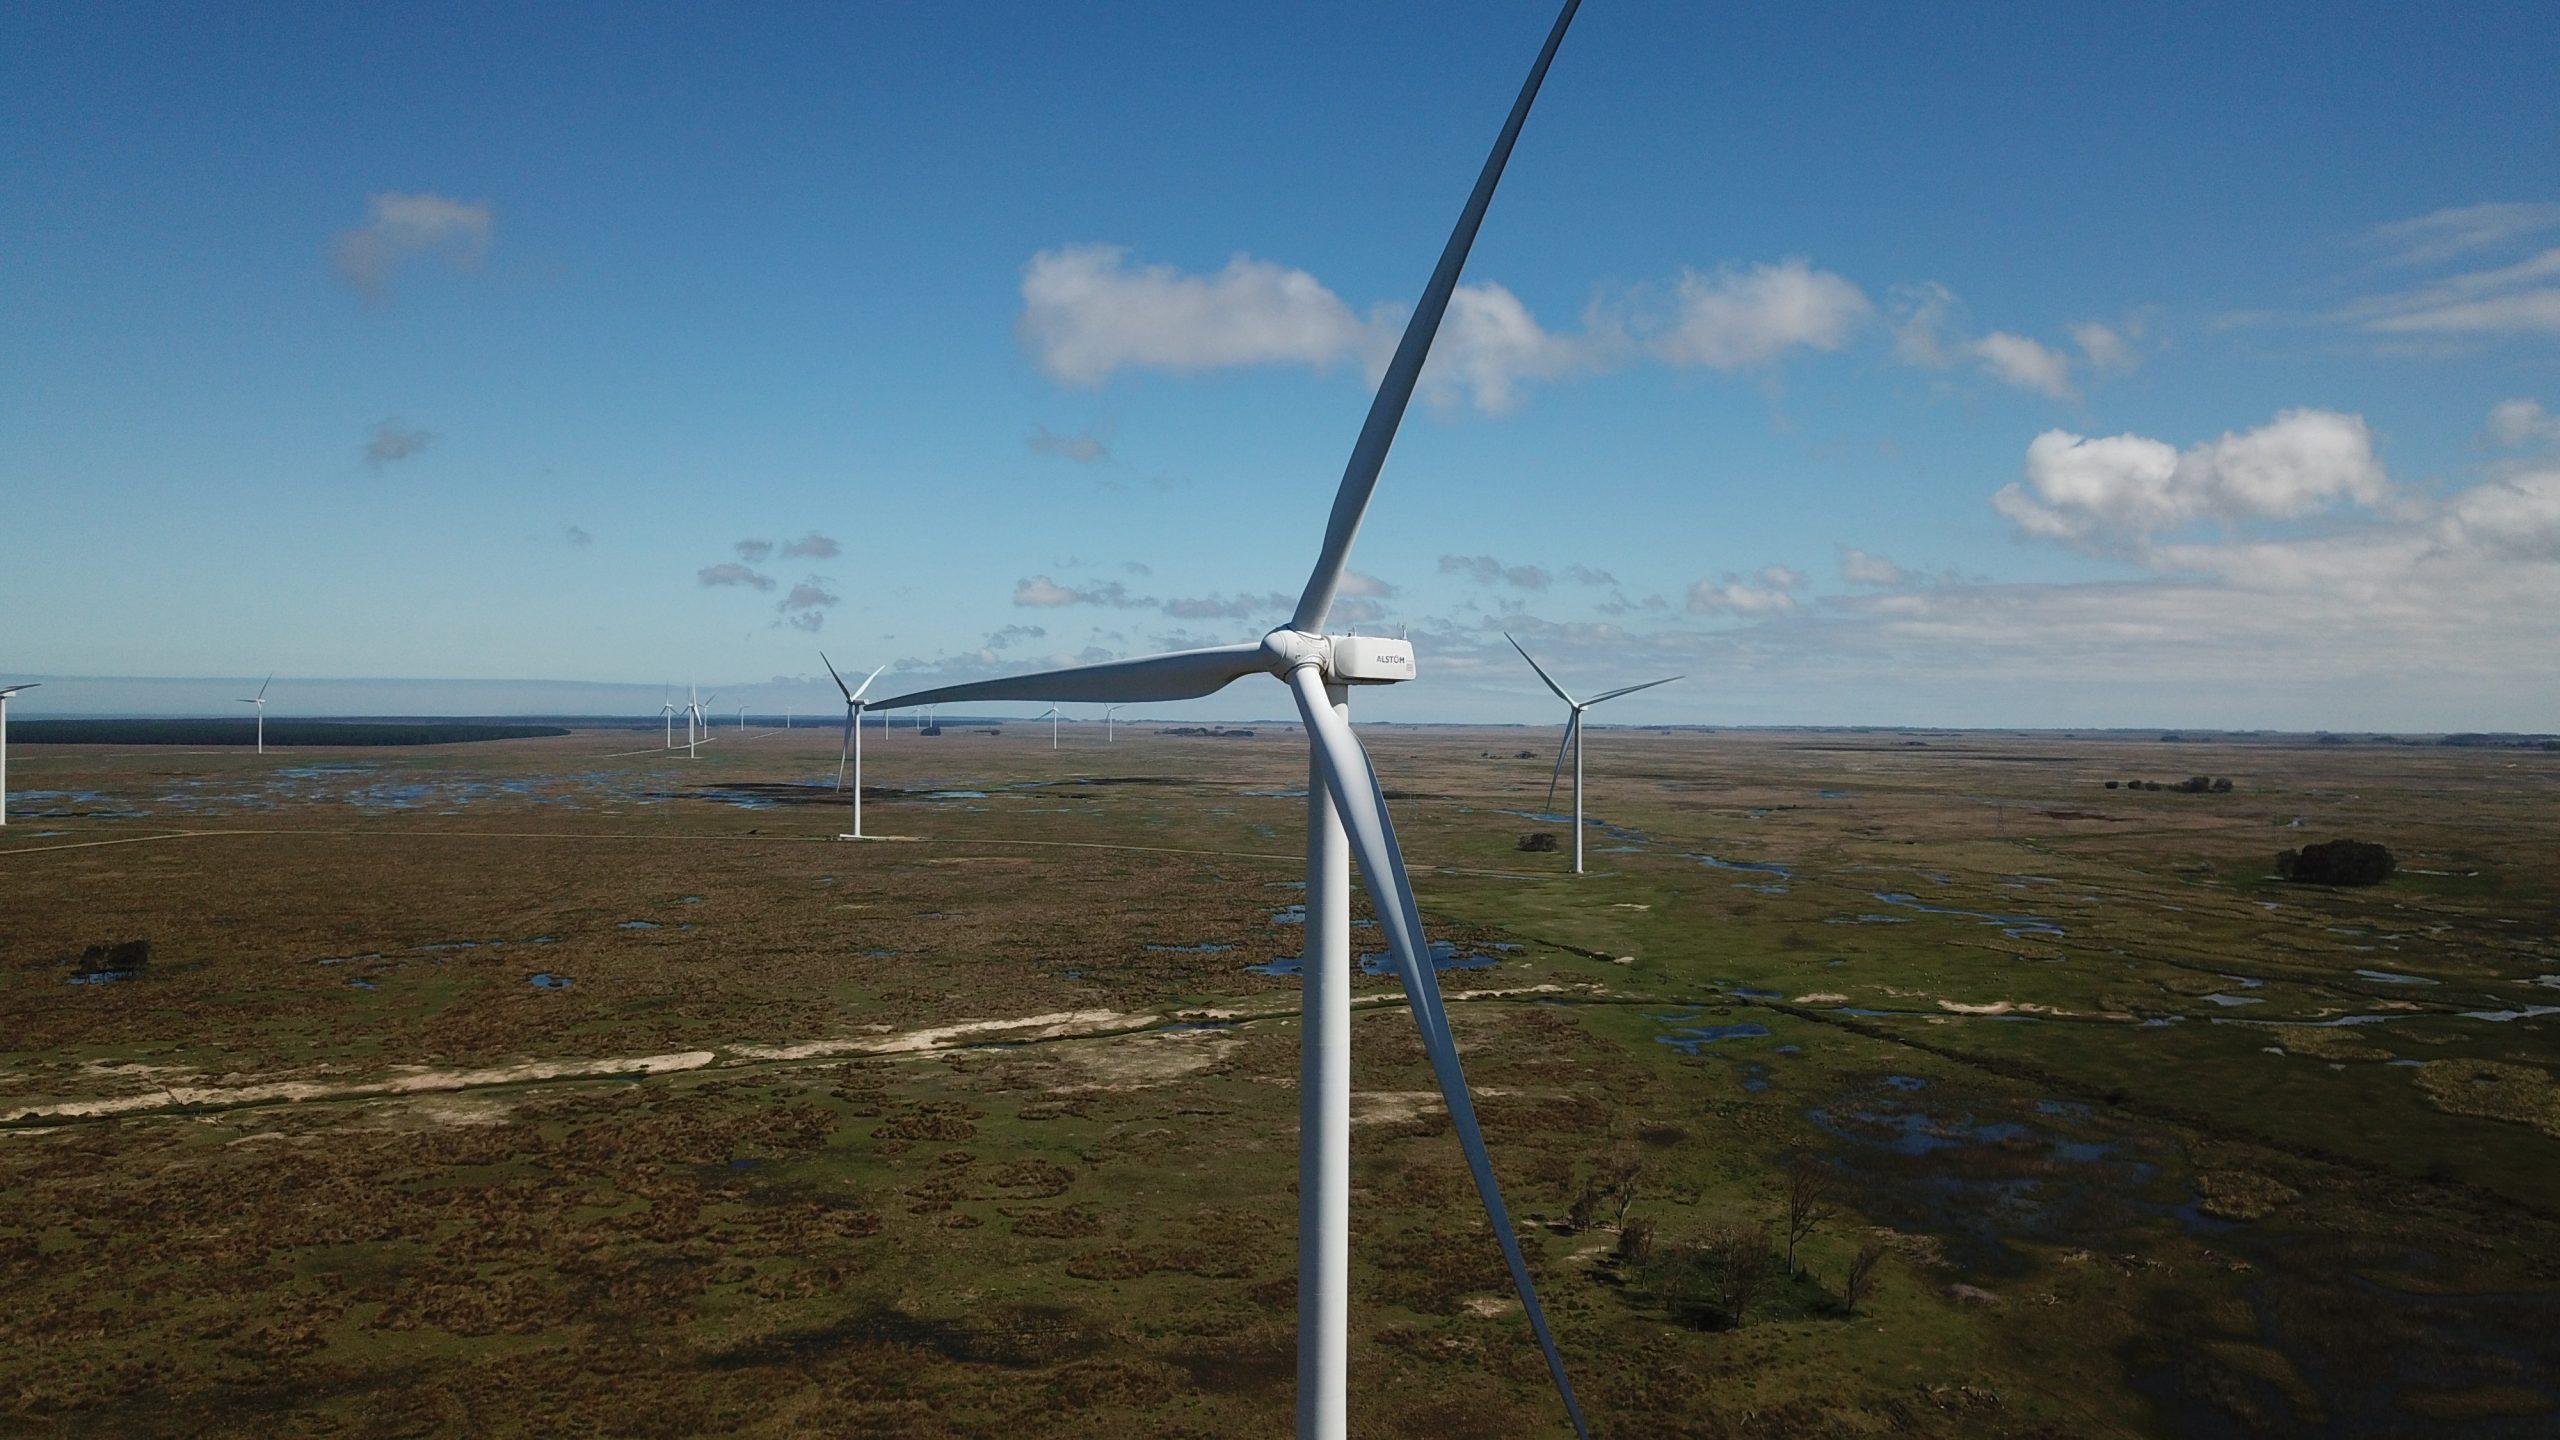 A ADS Energias Renováveis e Siemens Energy firmaram um contrato de O&M para complexo eólico no RS